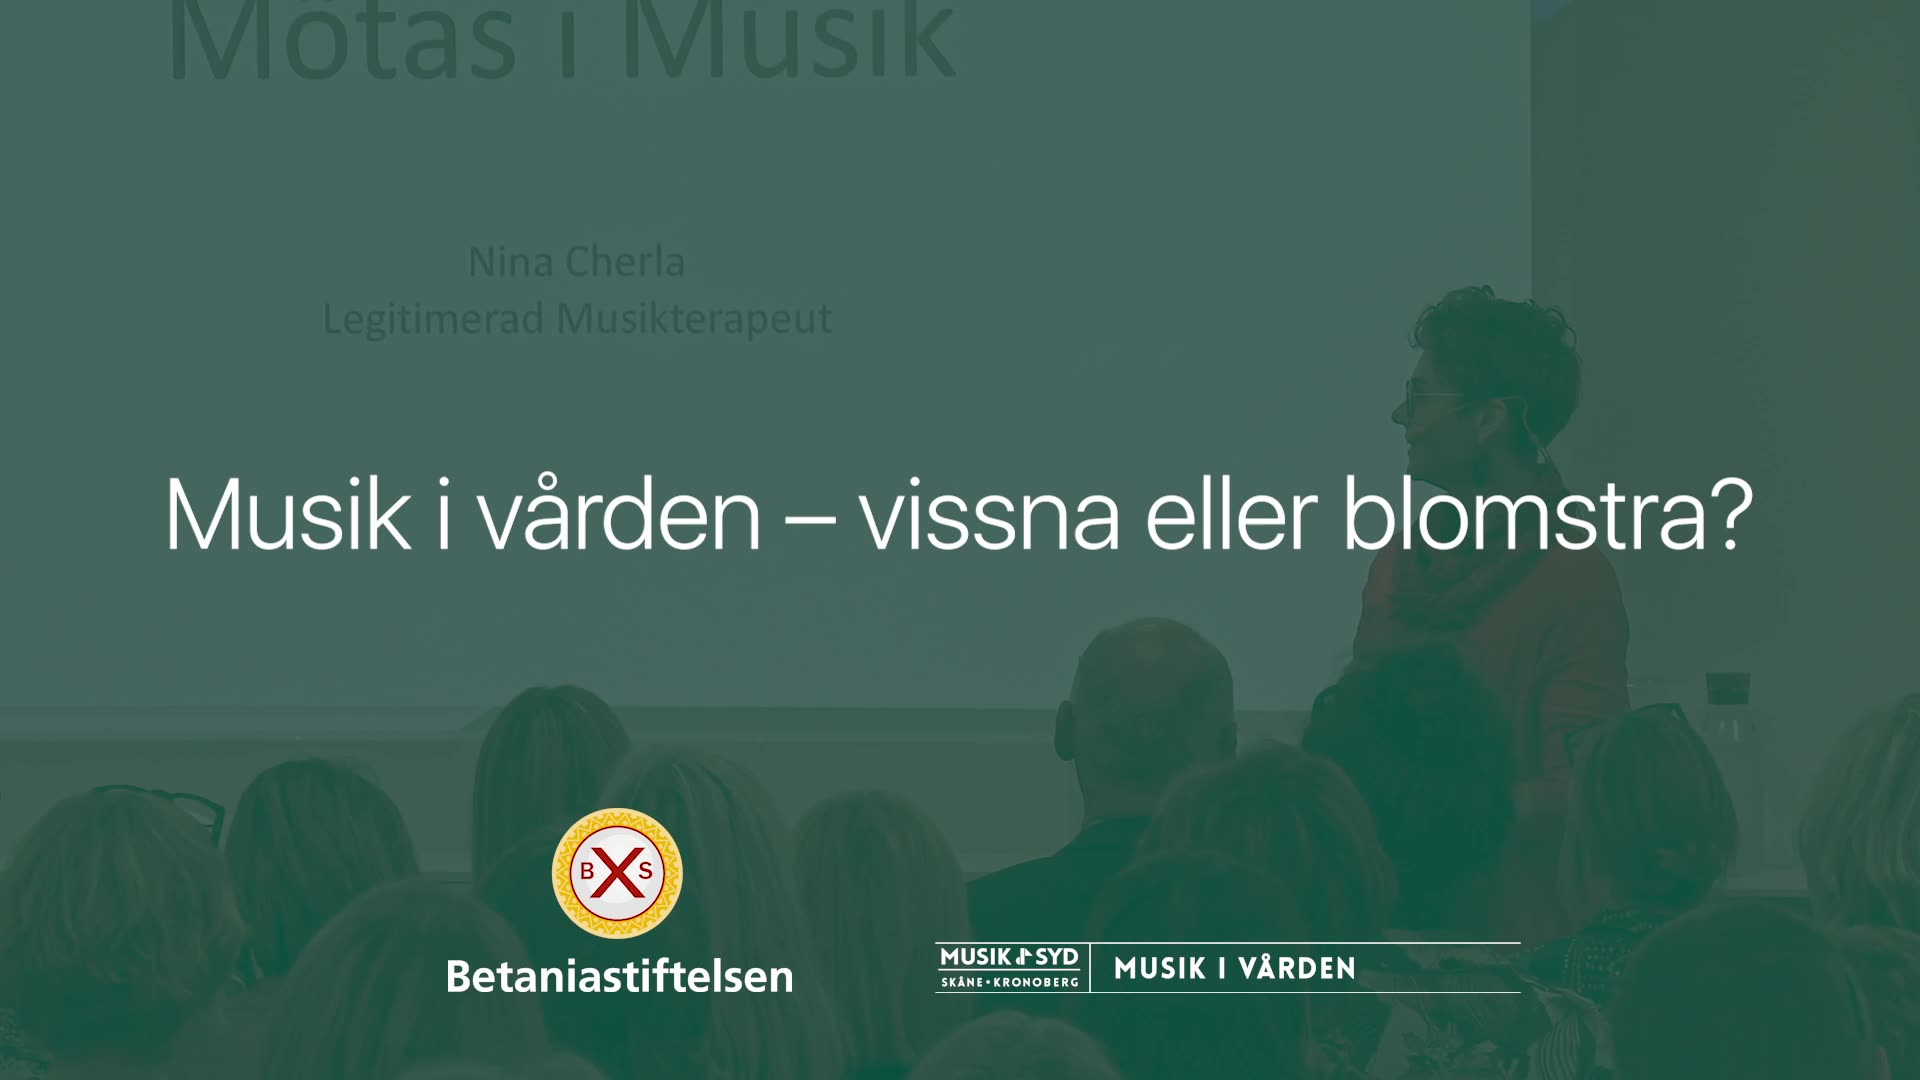 Mötas i musik